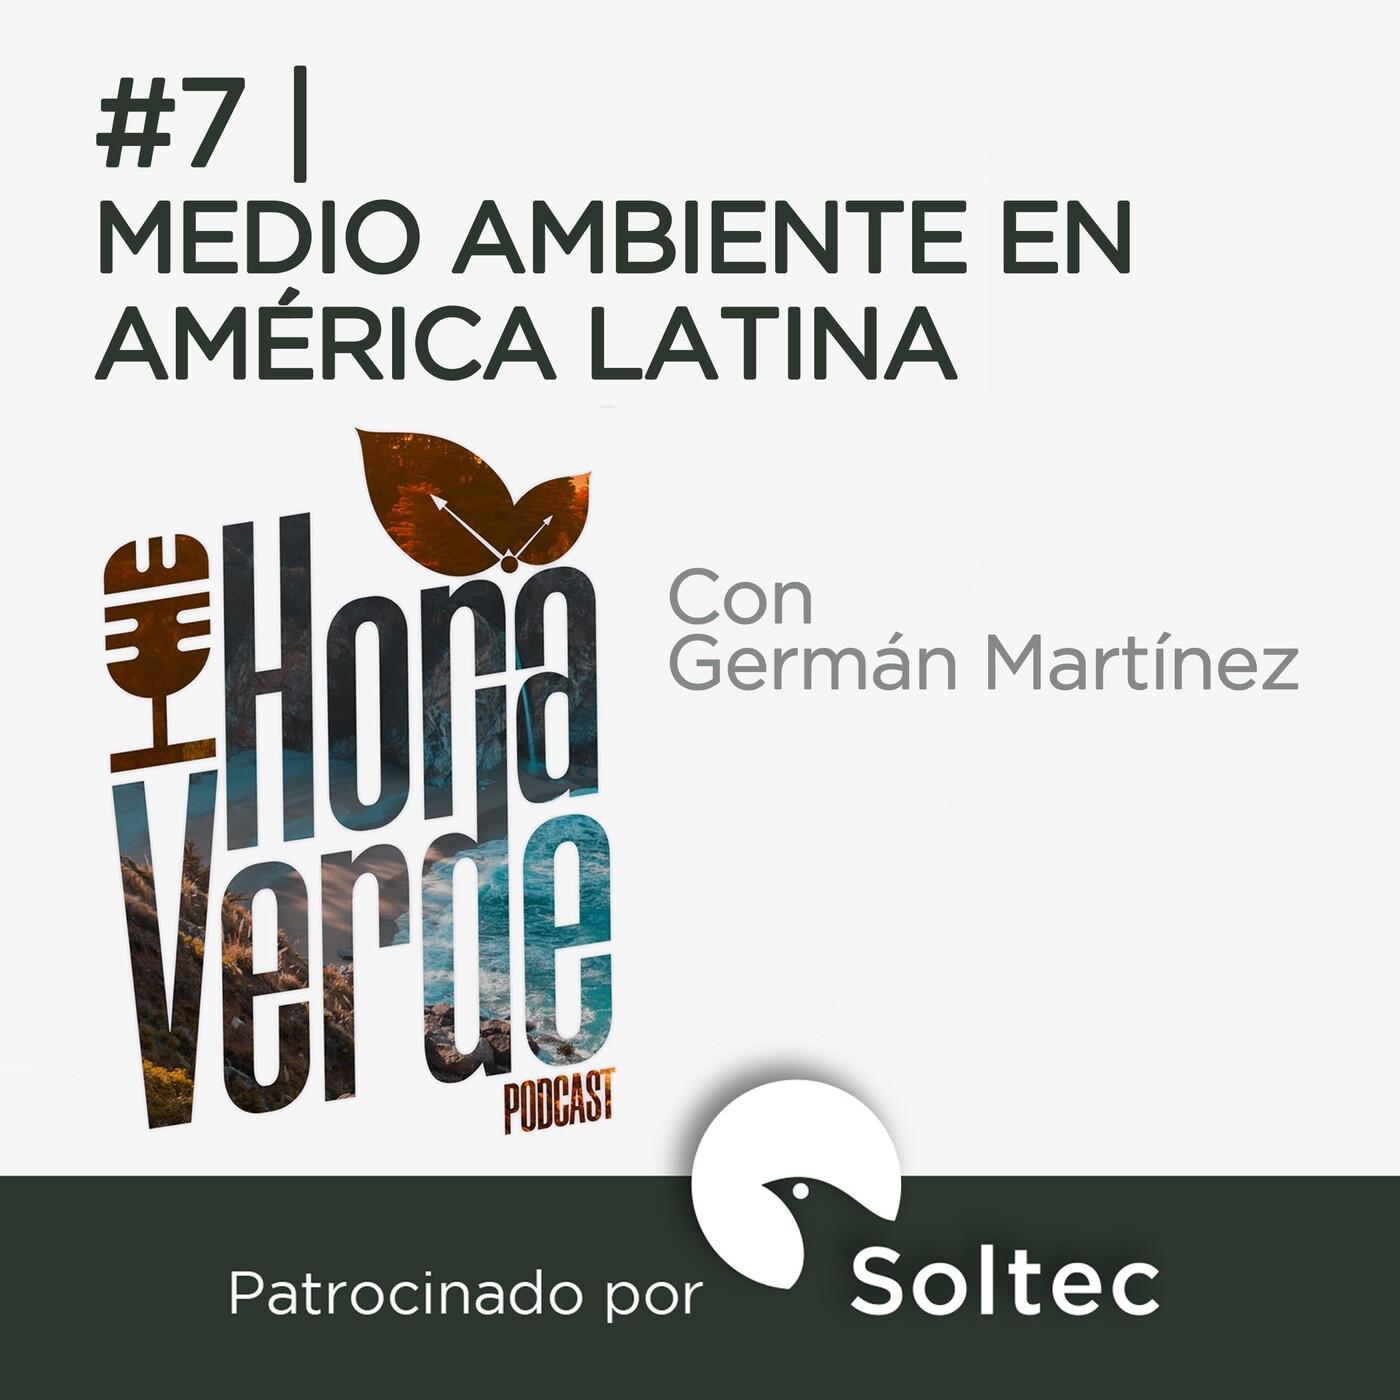 #7 | Medio ambiente en América Latina | Hora Verde | 16/7/2020